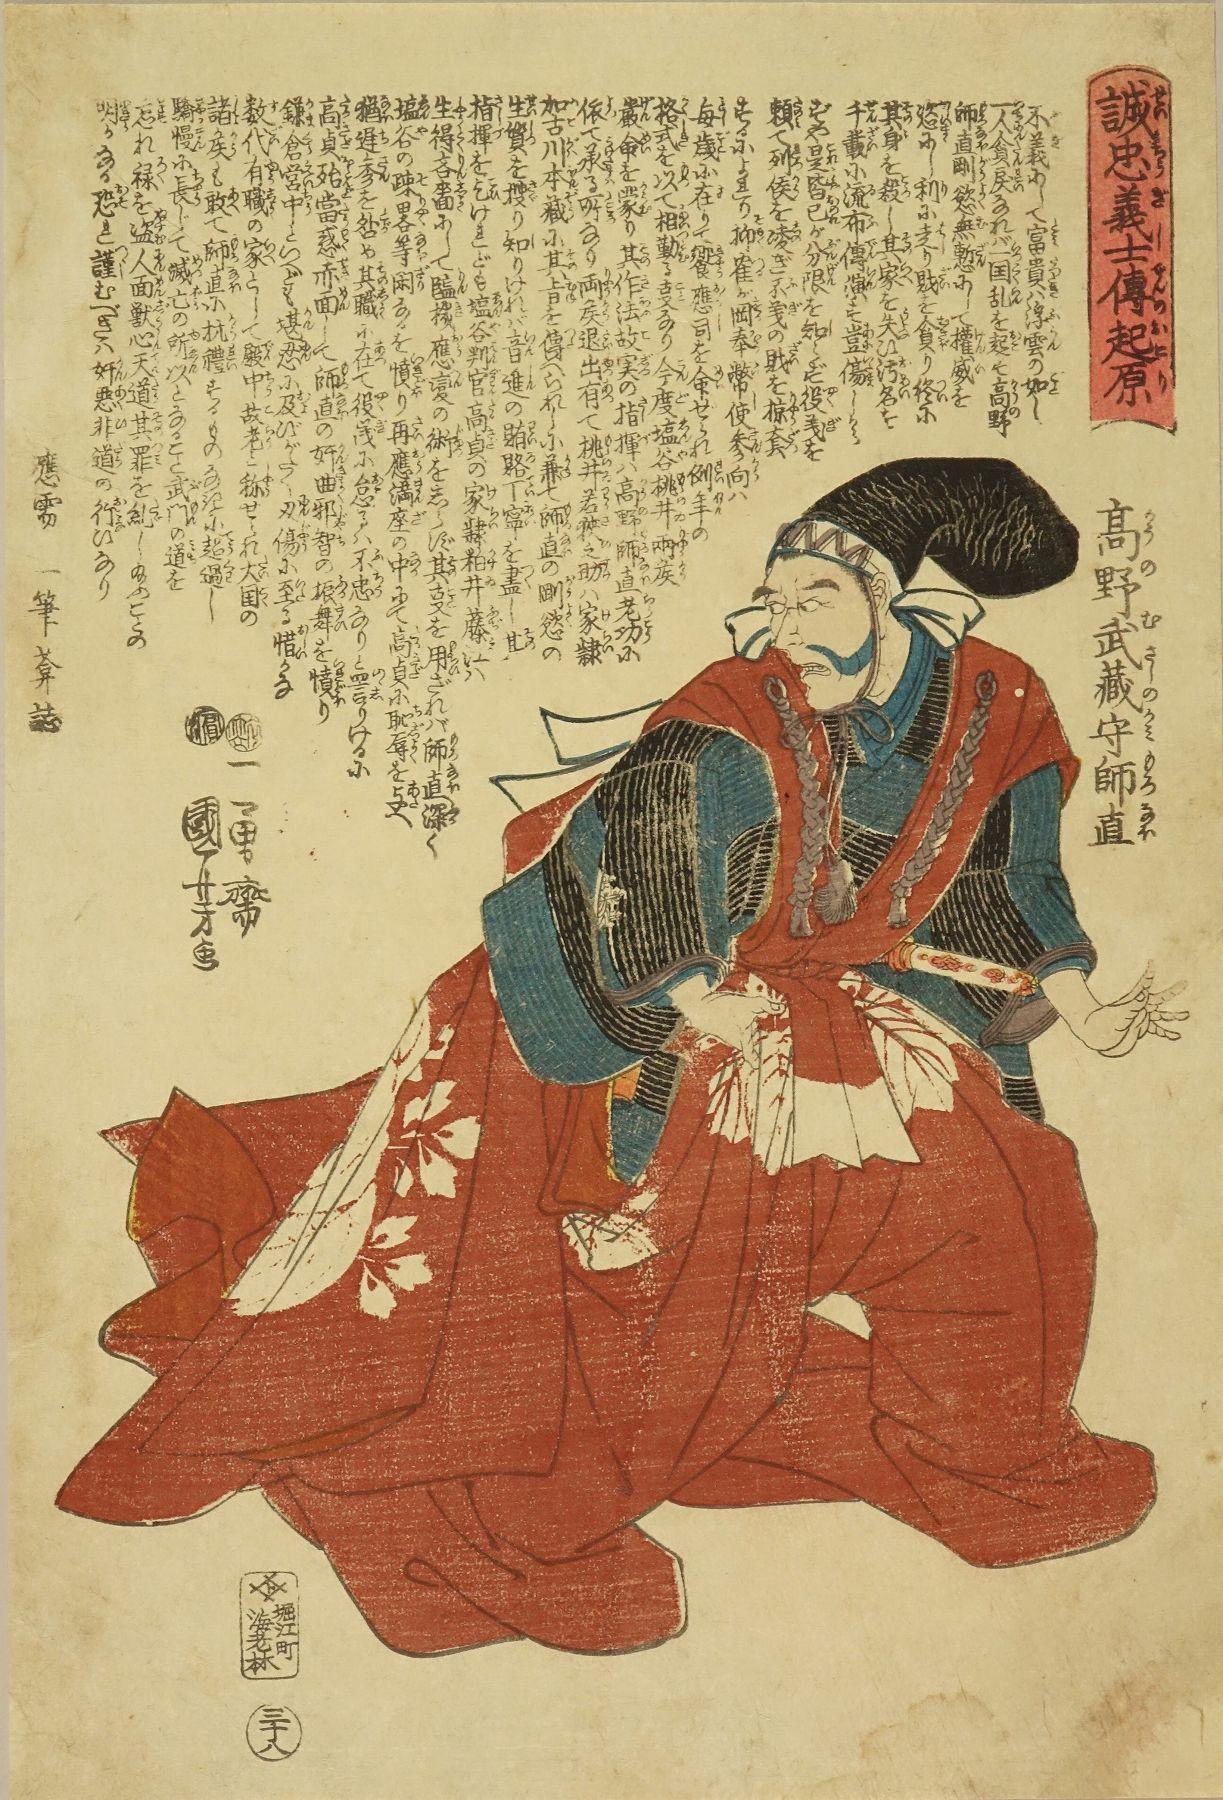 KUNIYOSHI Kono Musashinokami Moronao, from <i>Seichu gishiden</i> (Stories of the true loyalty of the faithful samurai)